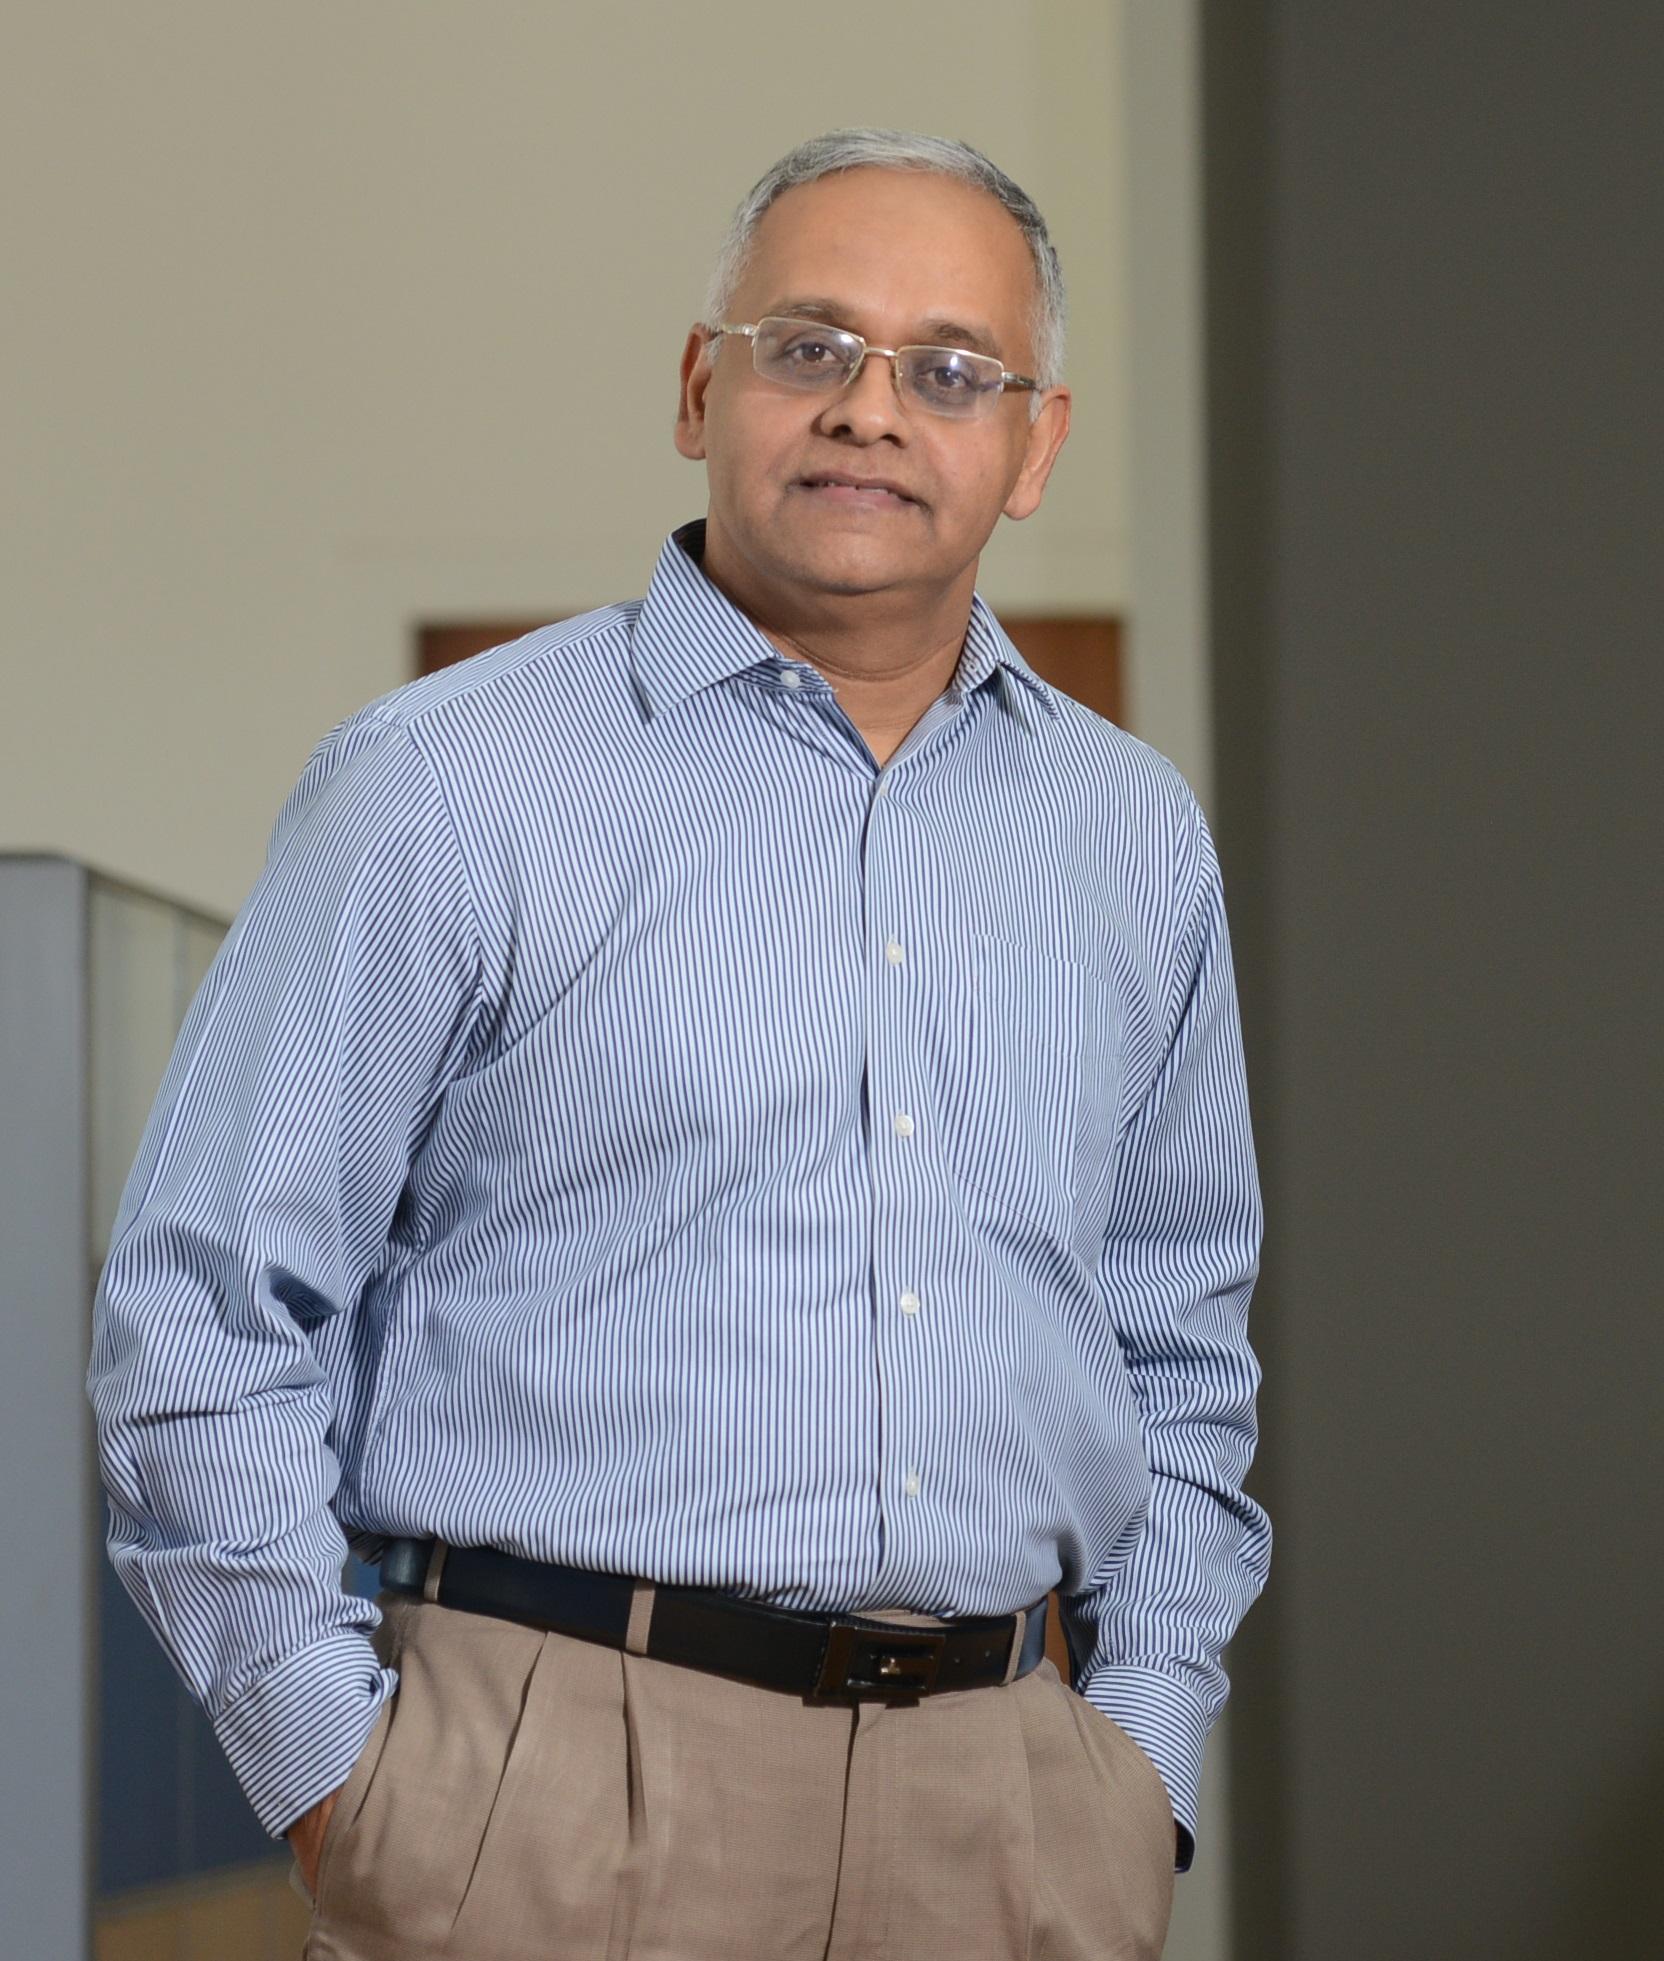 Shridahar Venkat Profile